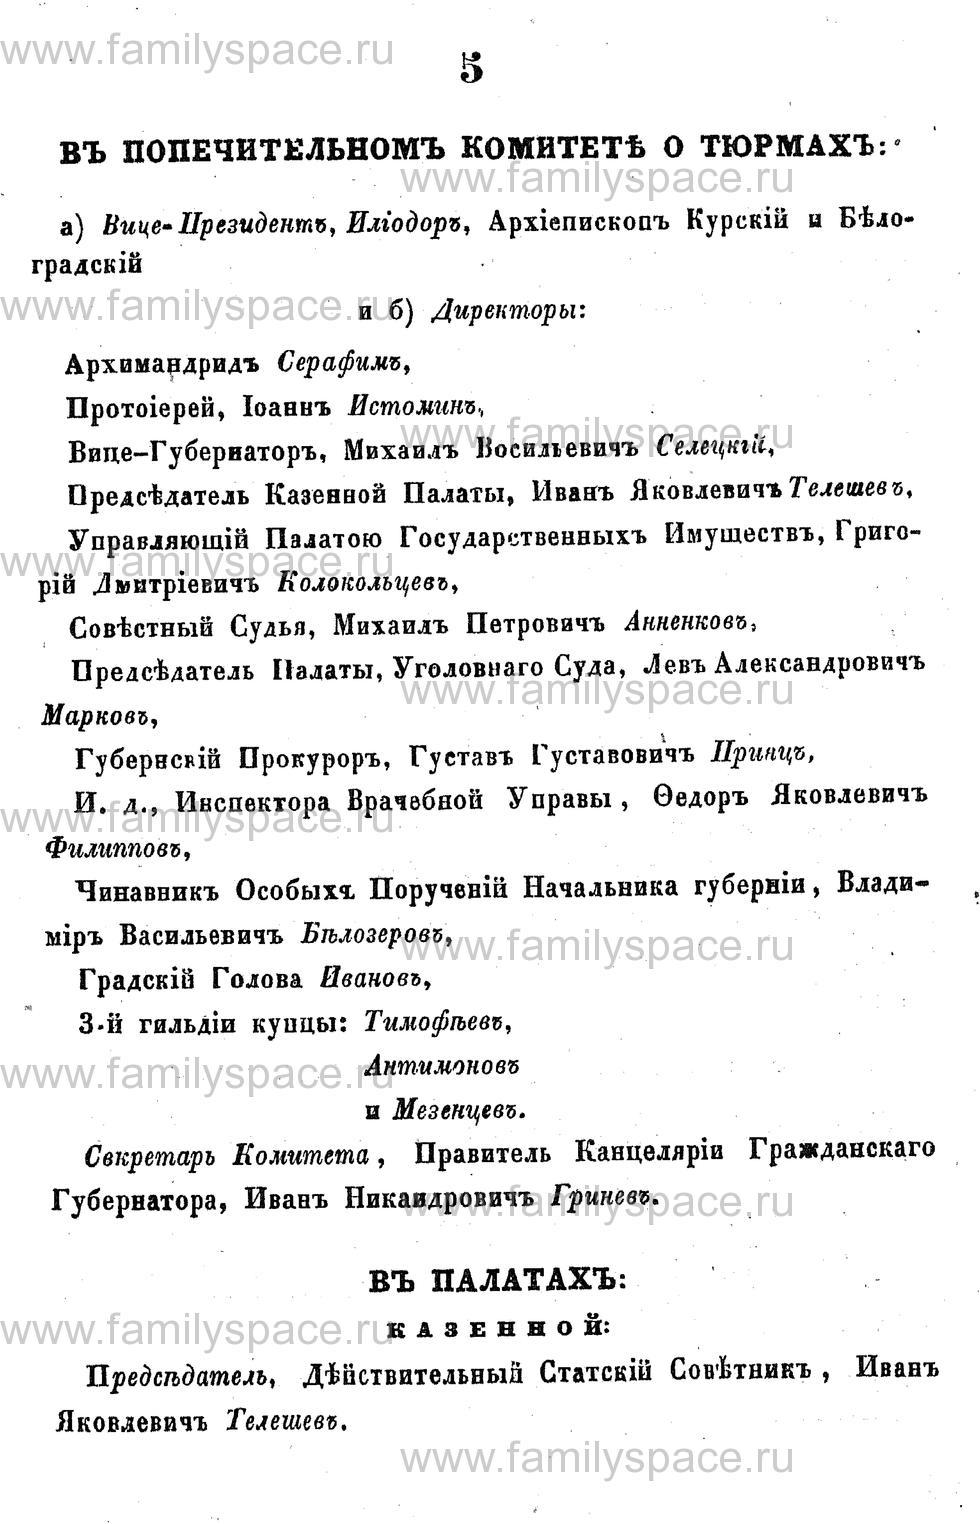 Поиск по фамилии - Адрес-календарь Курской губернии на 1853 год, страница 1005